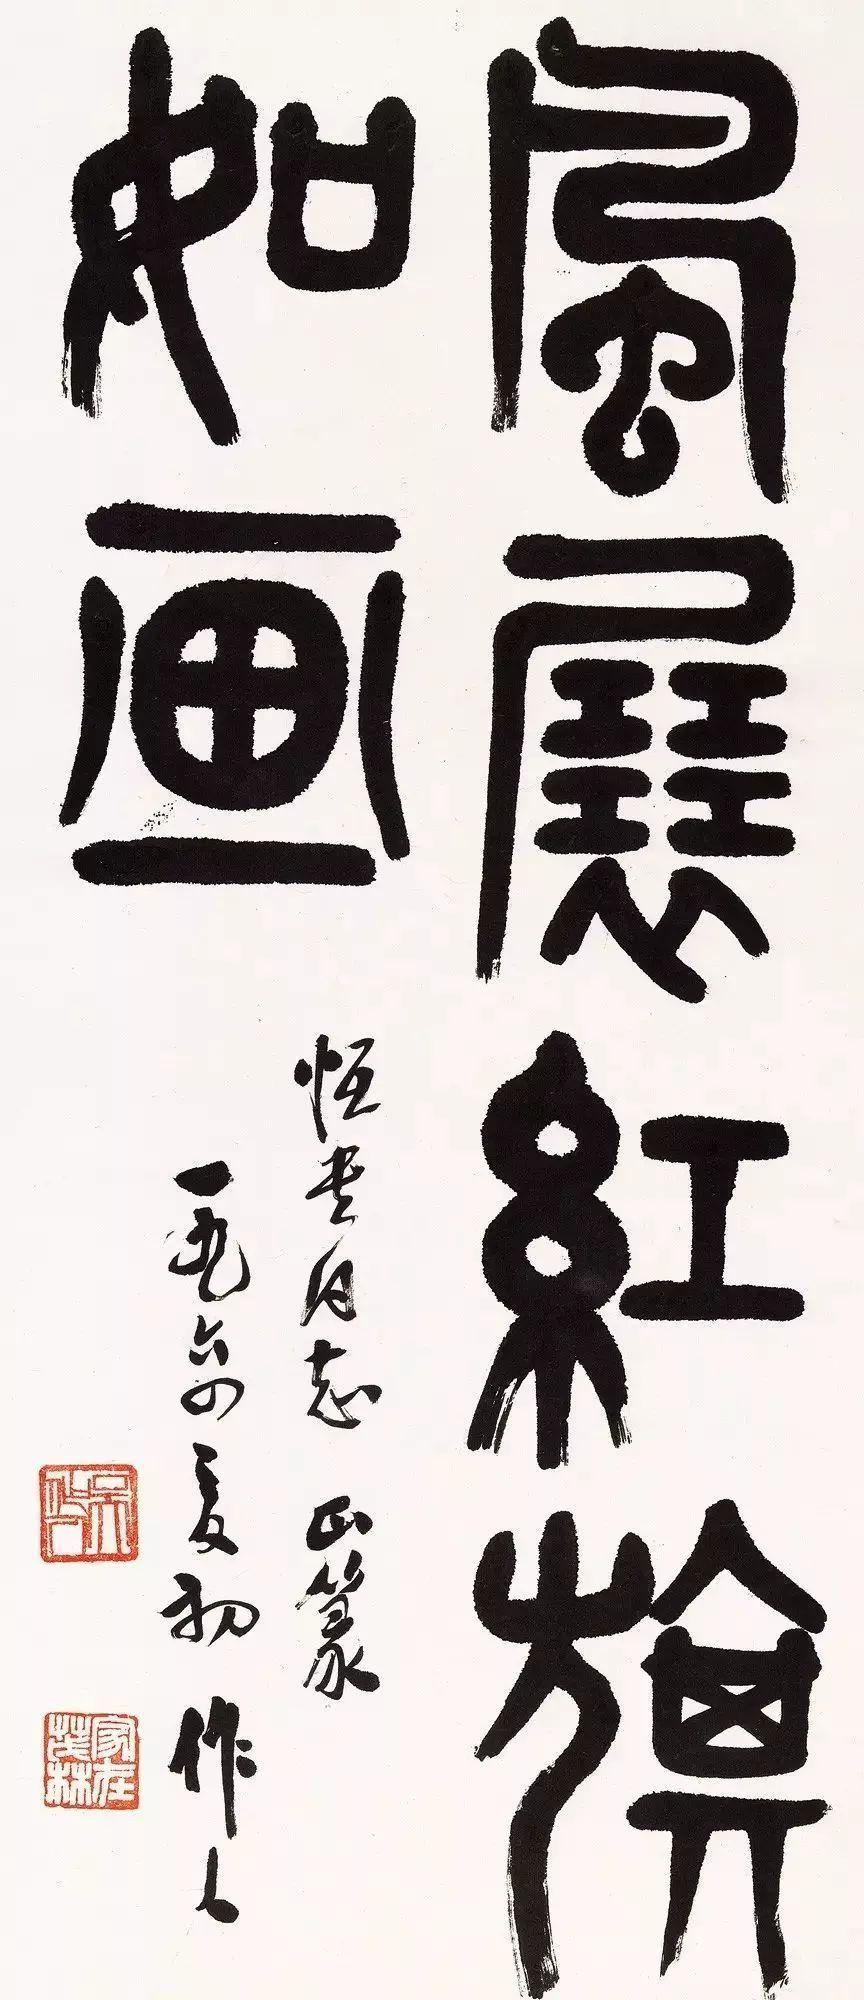 荣宝斋上世纪收款单曝光,齐白石的画一尺4块钱